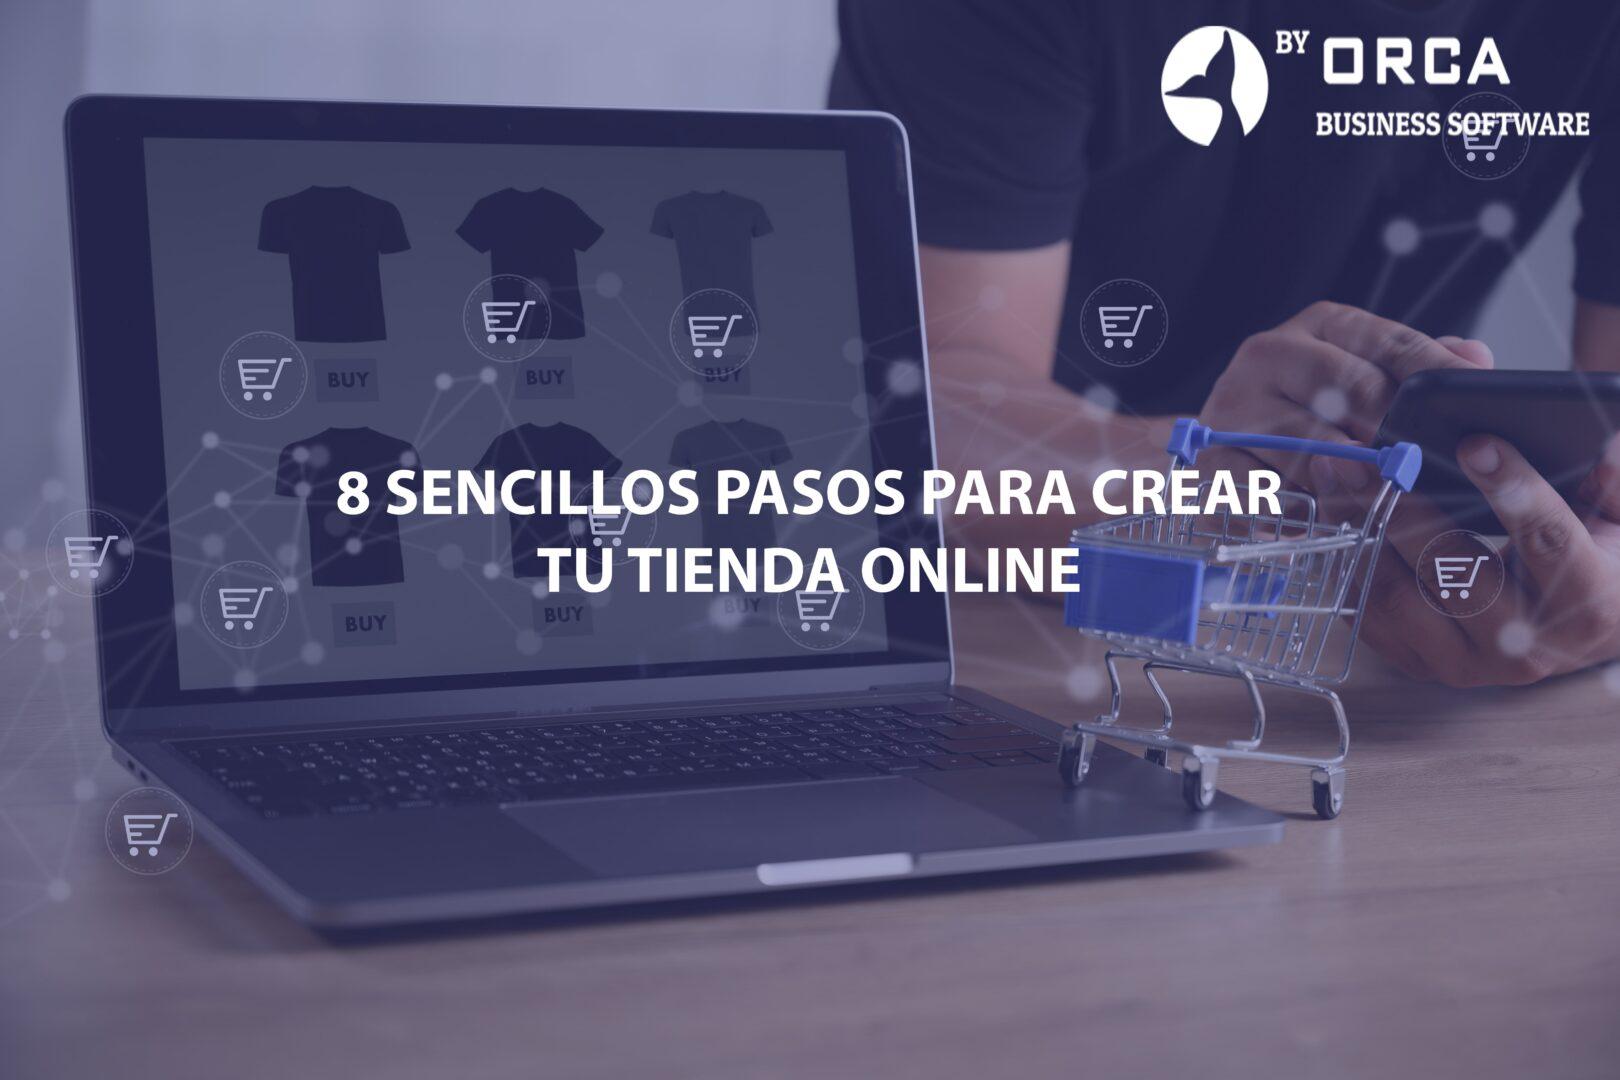 8 pasos para crear tu tienda online desde cero.